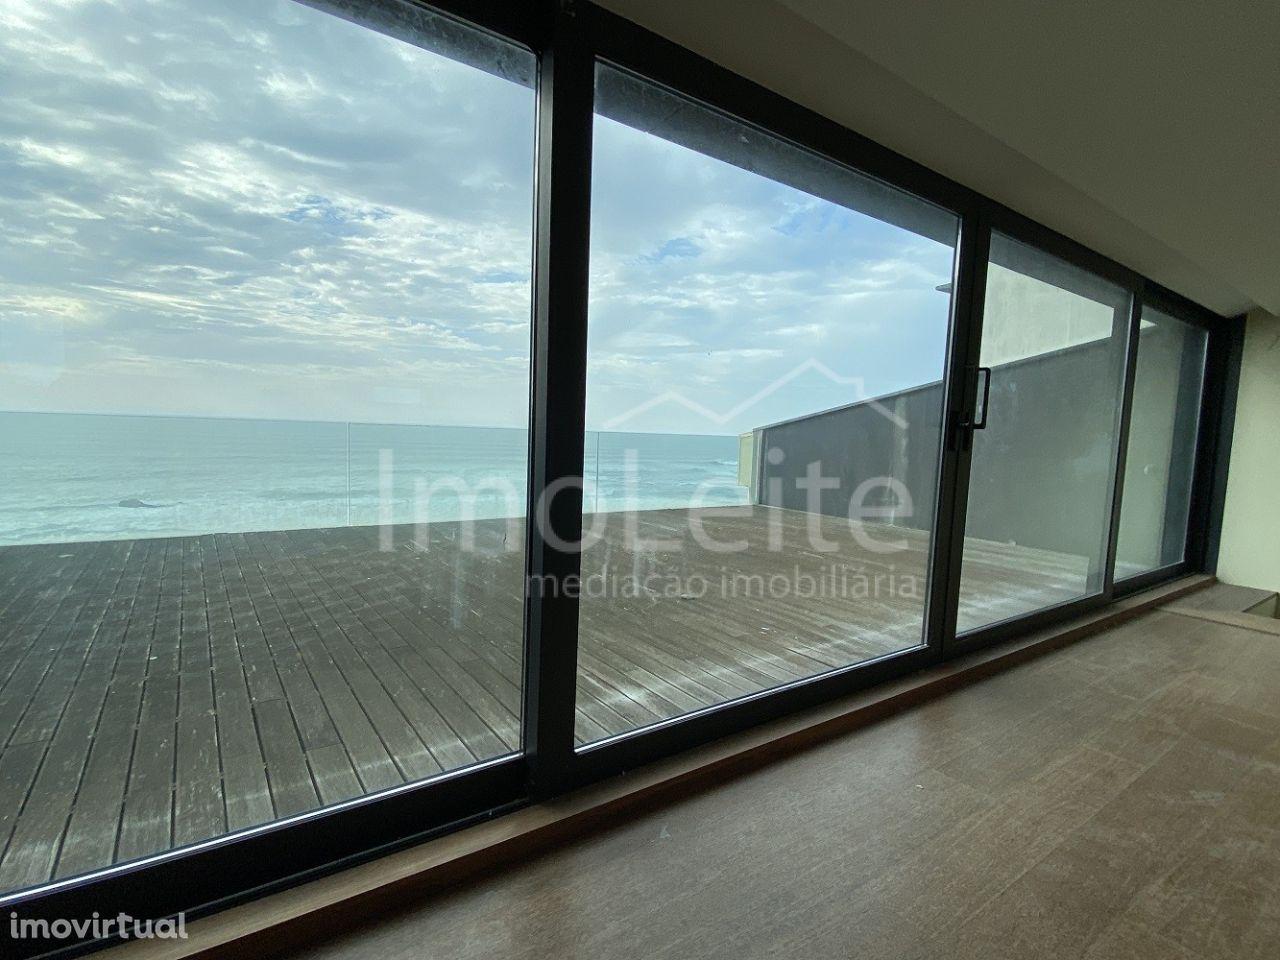 Apartamento T3 Duplex Póvoa de Varzim frente Praia